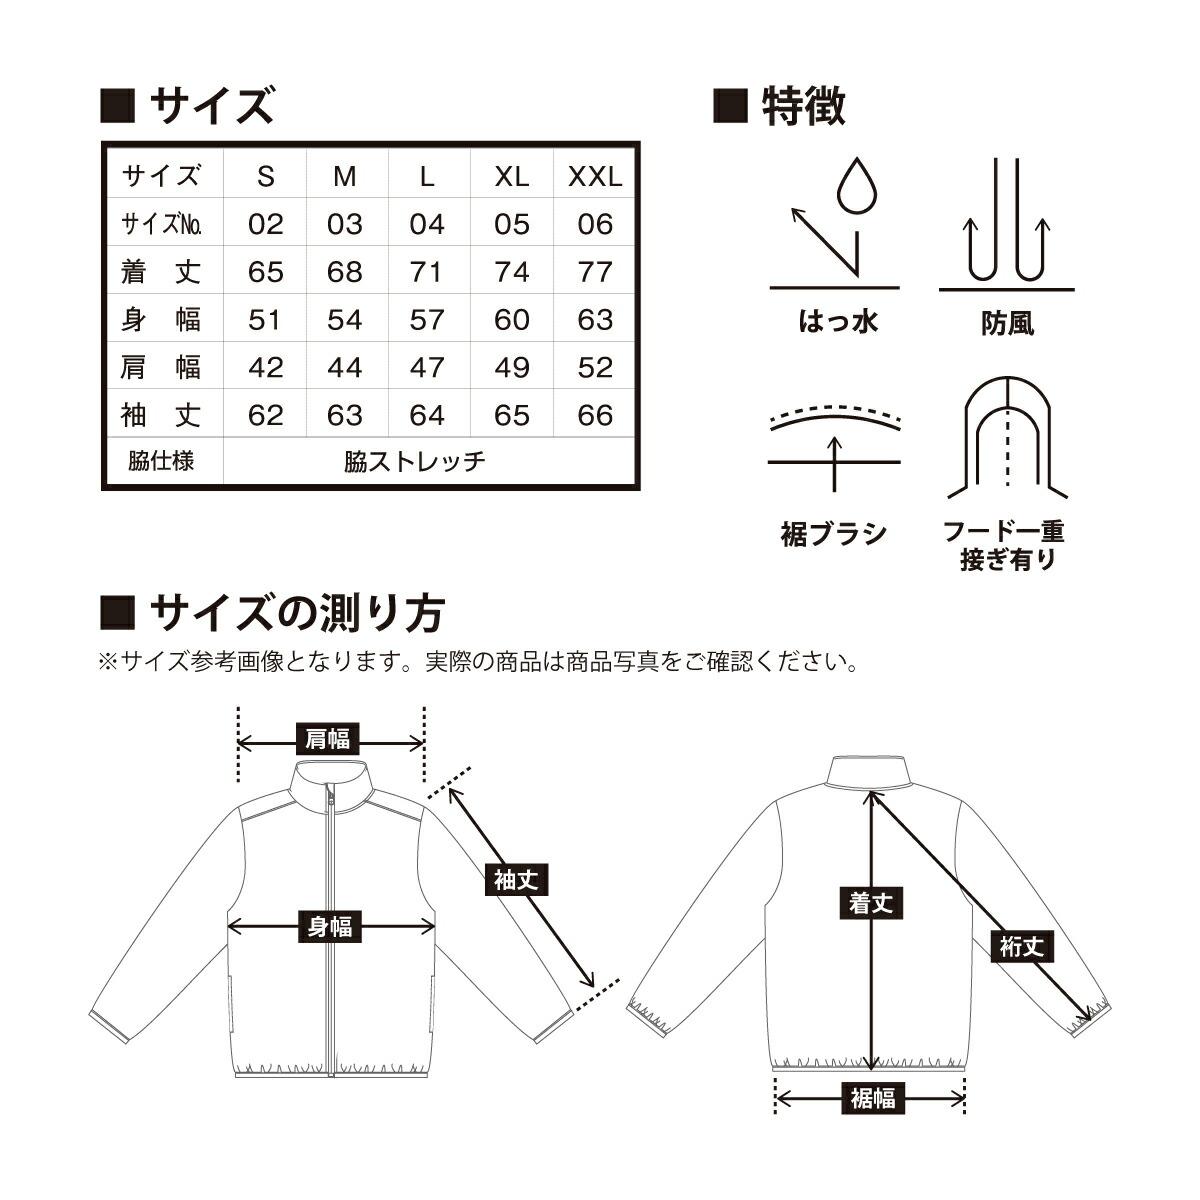 マイクロリップストップ ジップジャケット(裏地付)